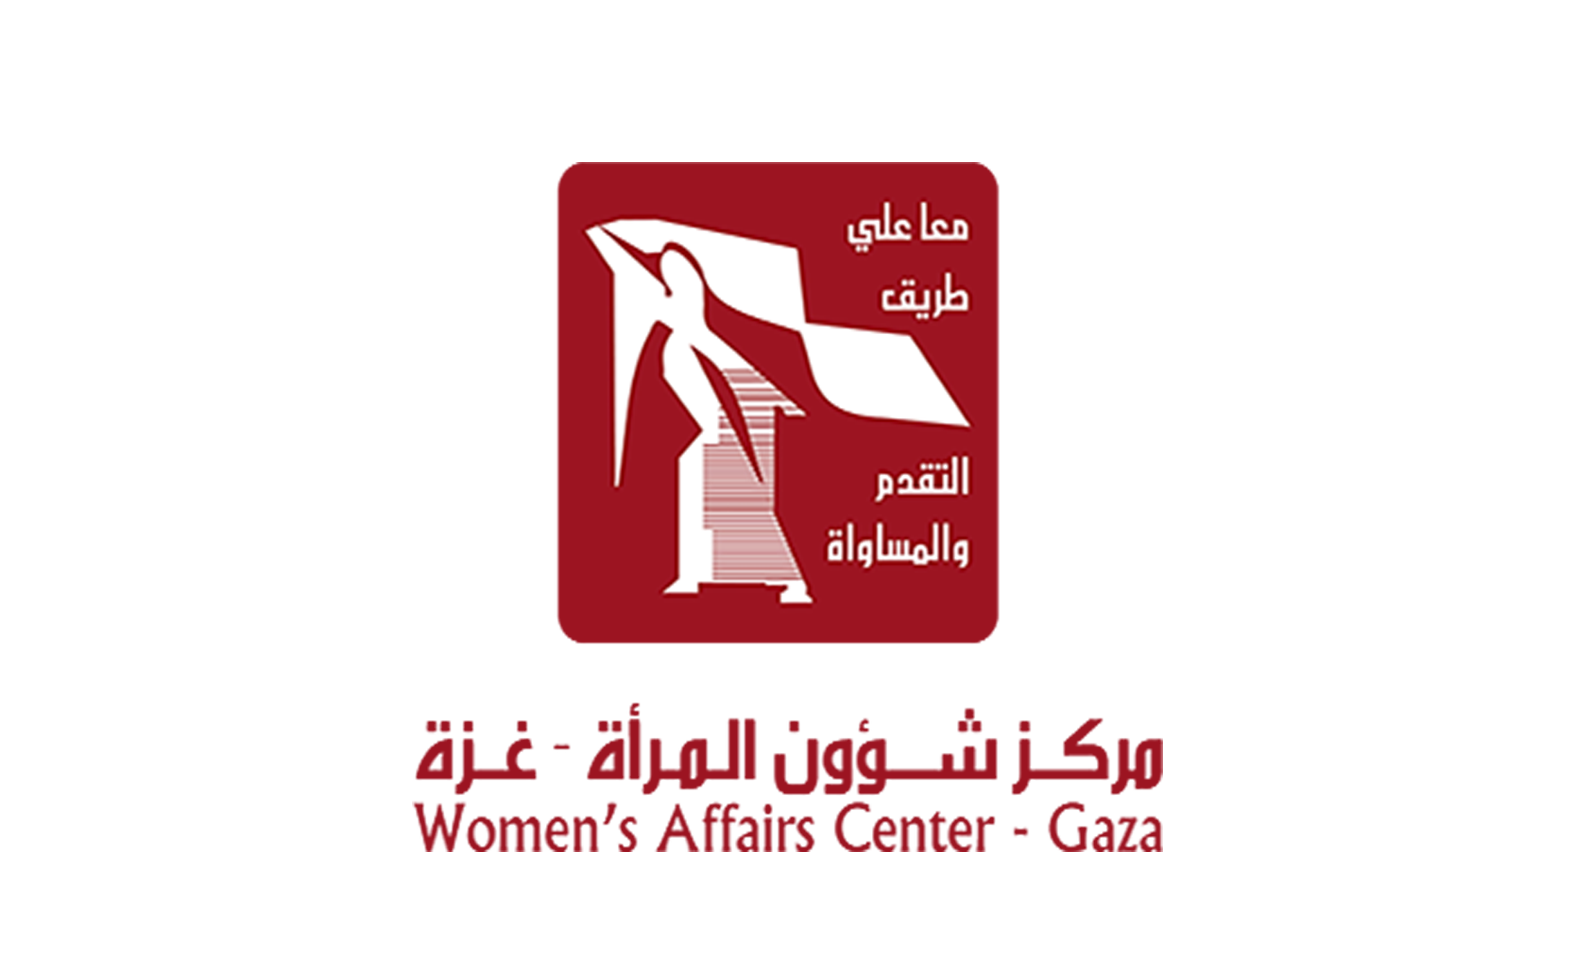 حماية النساء والفتيات المهمشات وناجيات العنف المبني علي النوع الاجتماعي من ذوات الاعاقة والامراض المزمنة وسرطان الثدي.